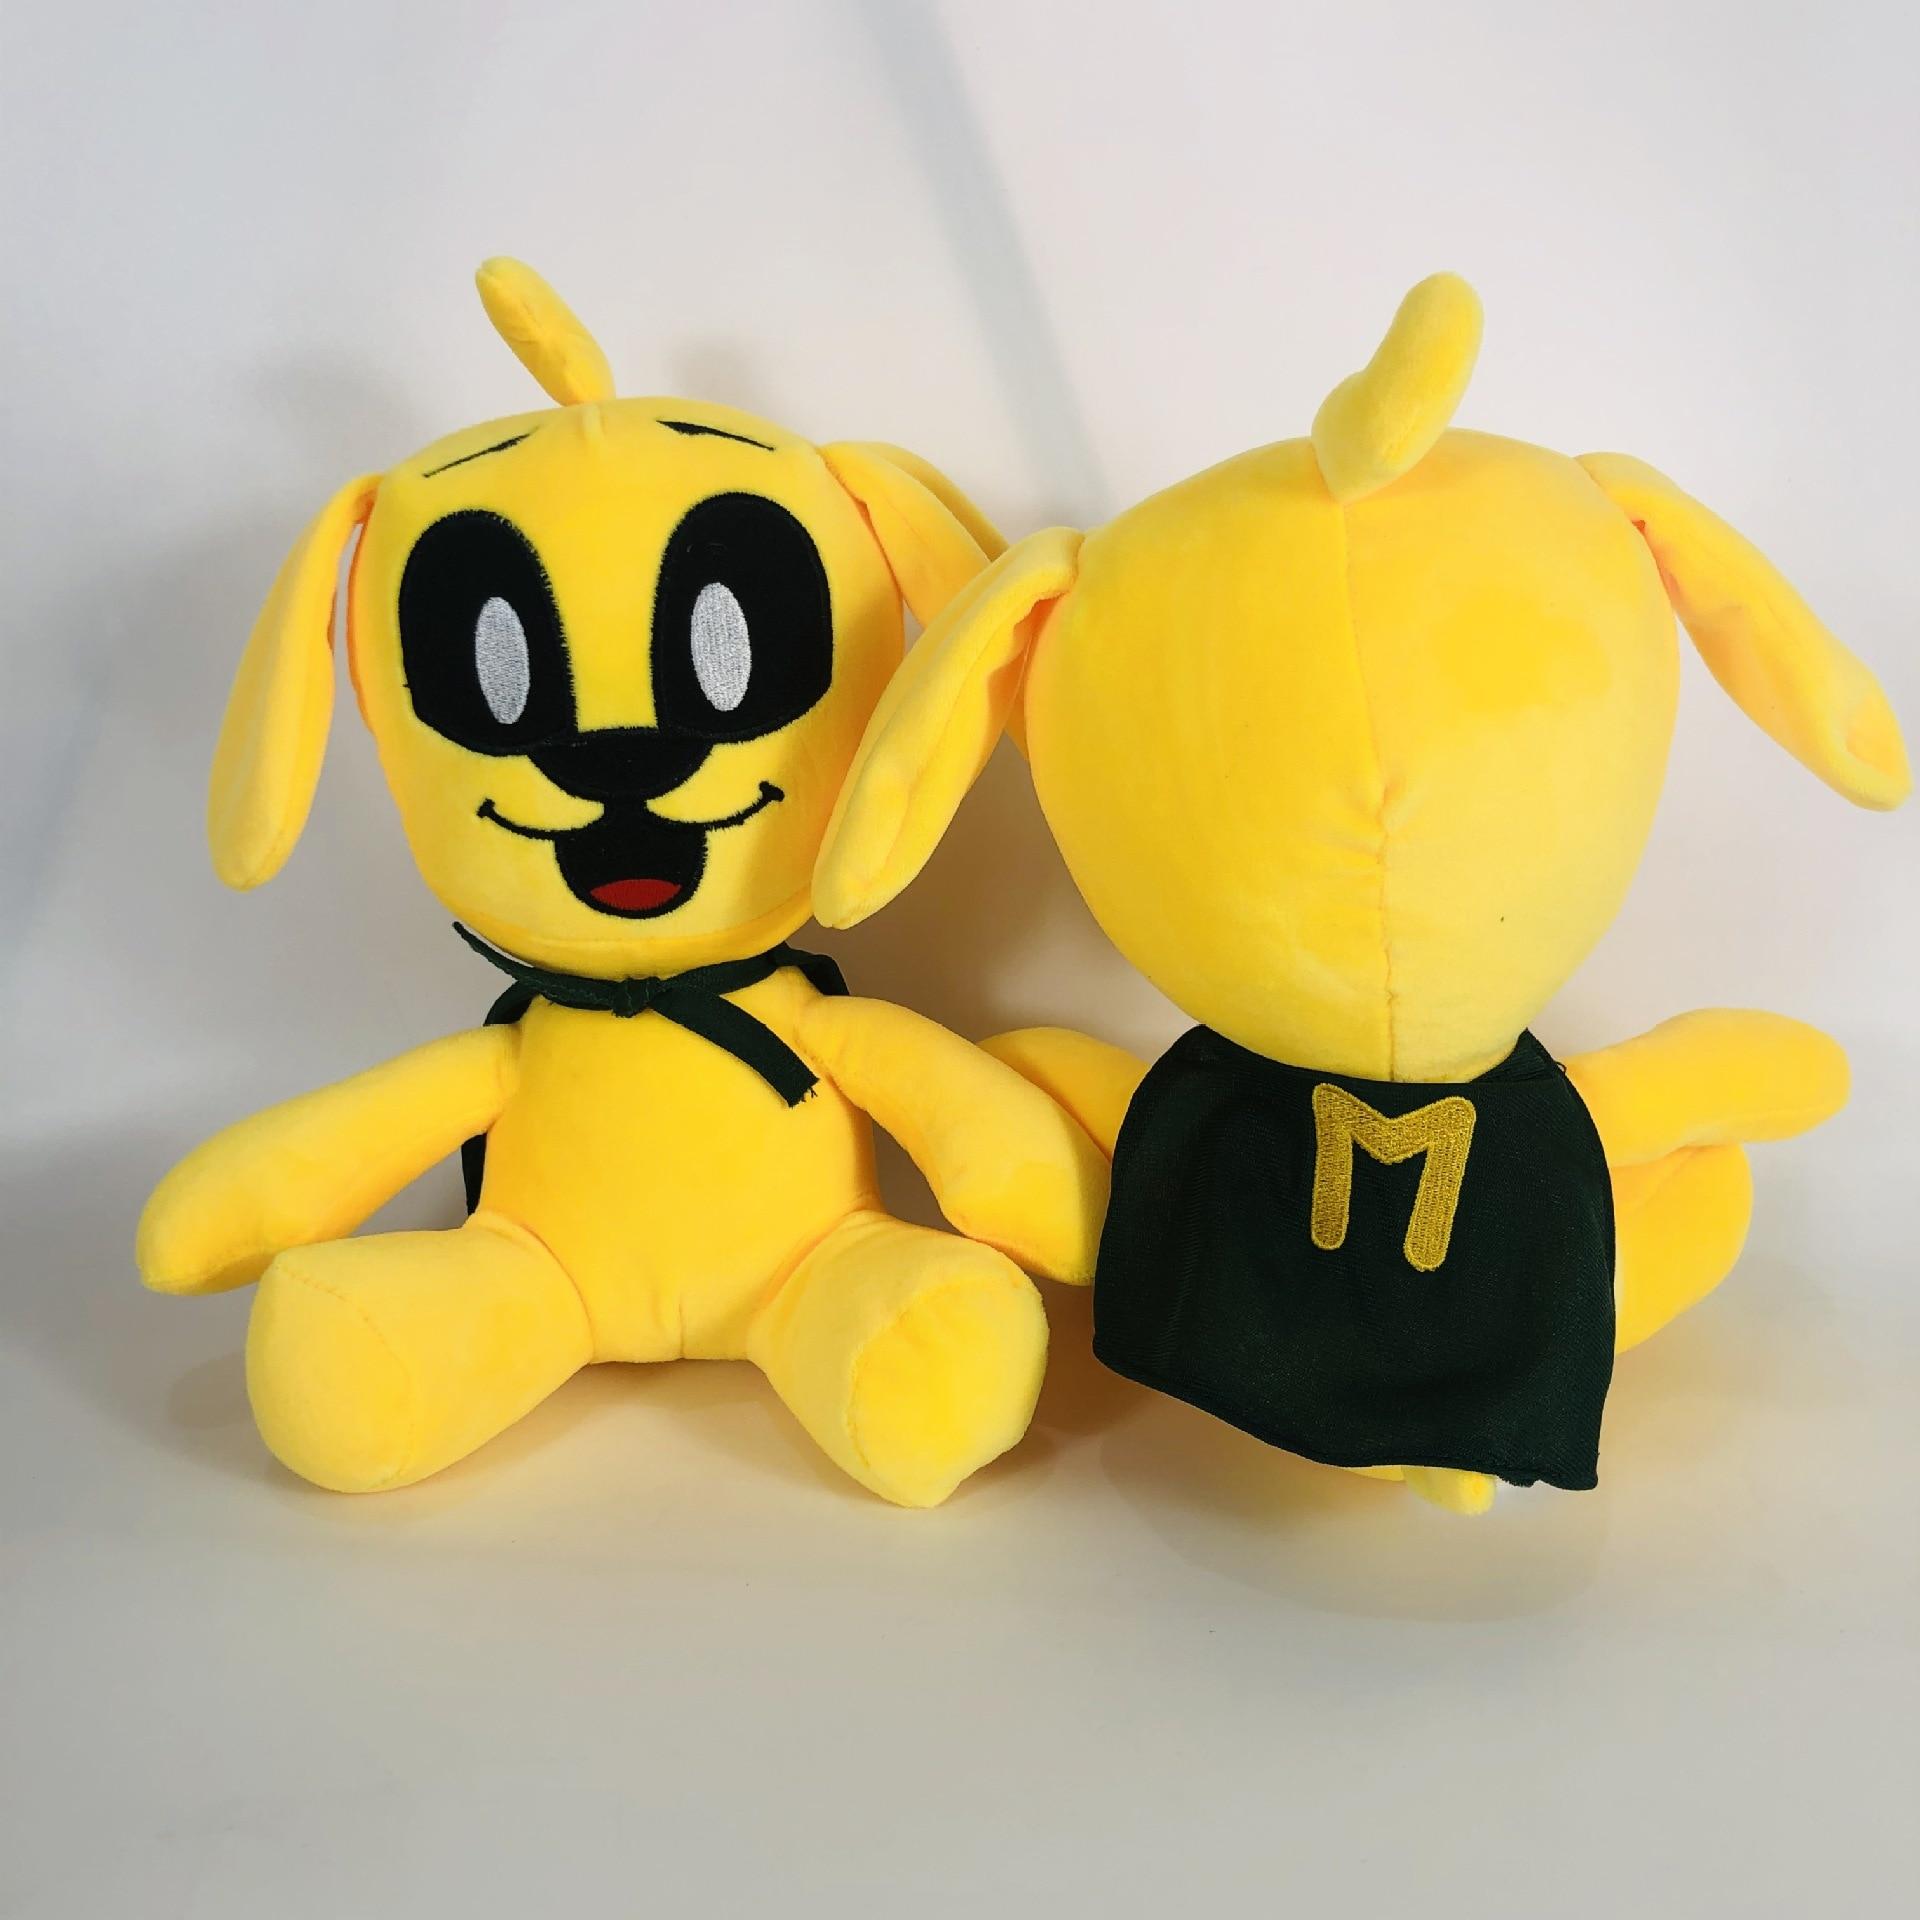 Мультяшная плюшевая кукла Mikecrack с Майком-трещиной, мягкая Набивная игрушка в виде желтой собаки, плюшевые игрушки для детей, девочек, подарк...